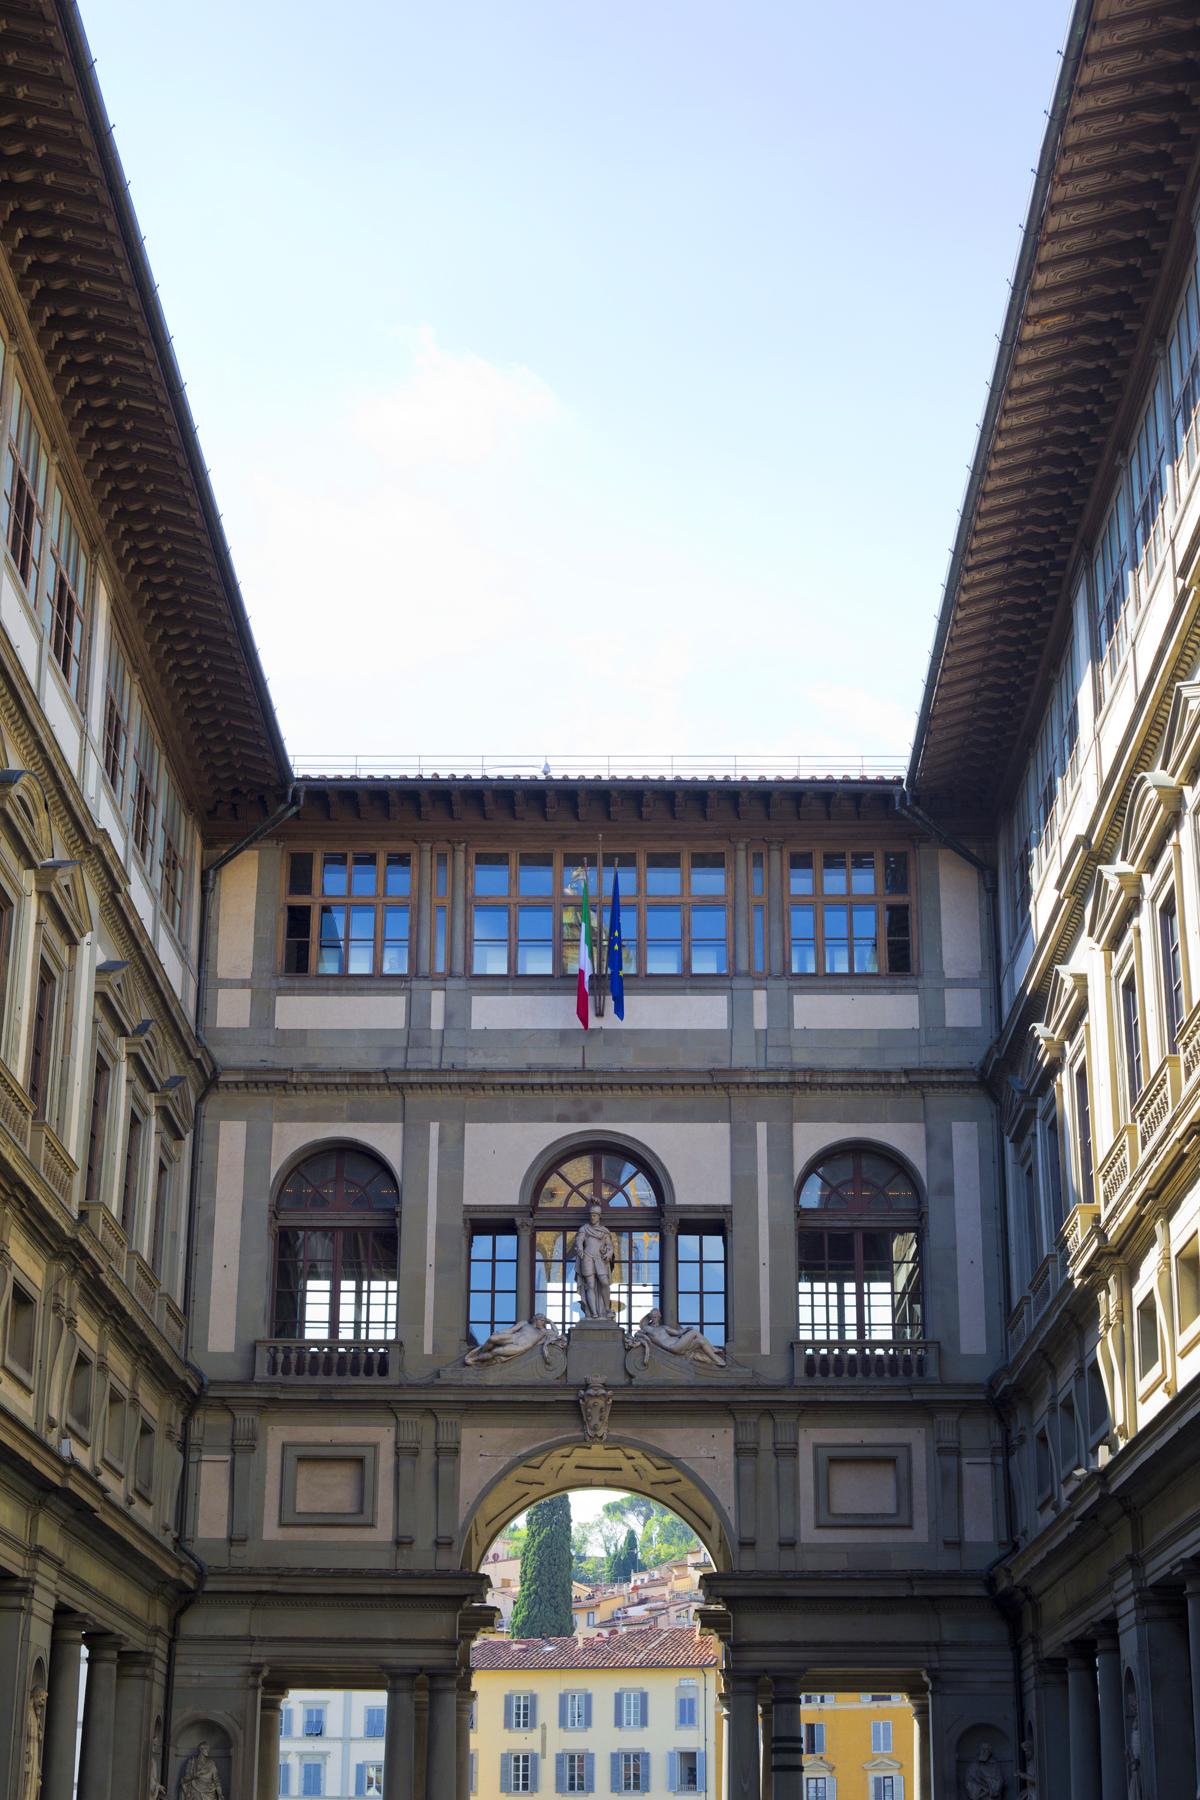 Just outside the Uffizi Gallery